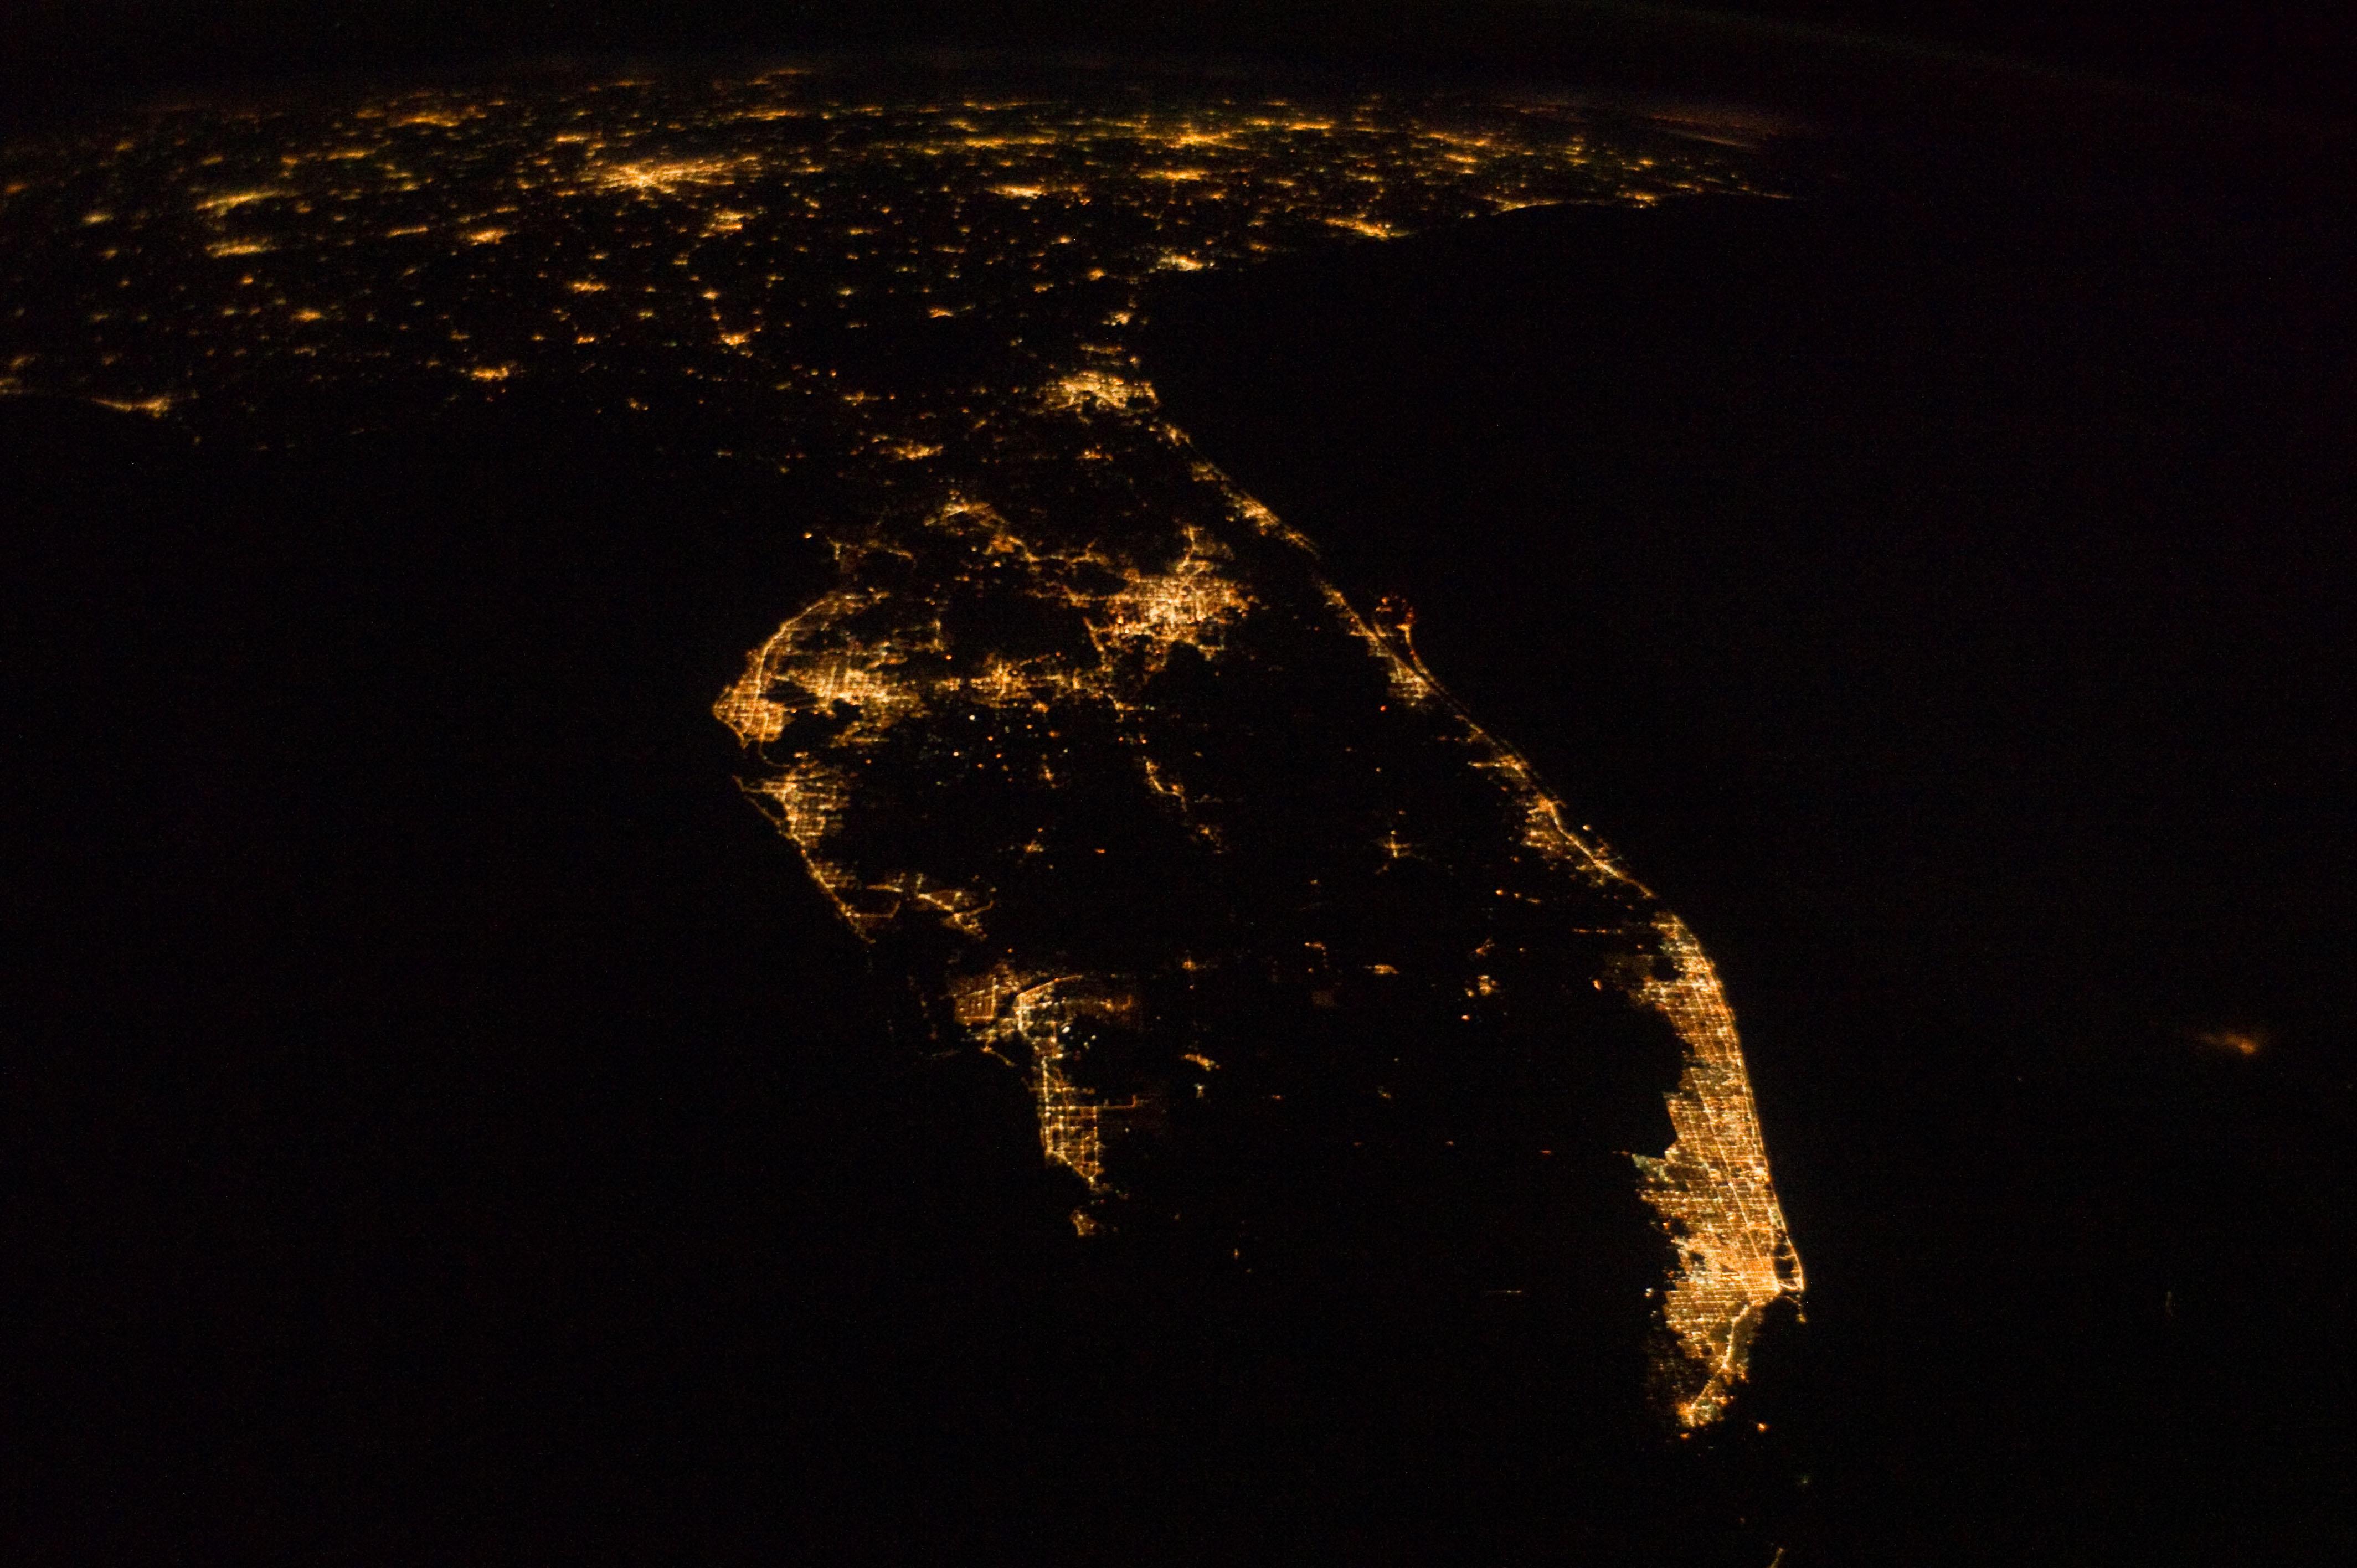 просматриваю ночной крым из космоса фото эпоху